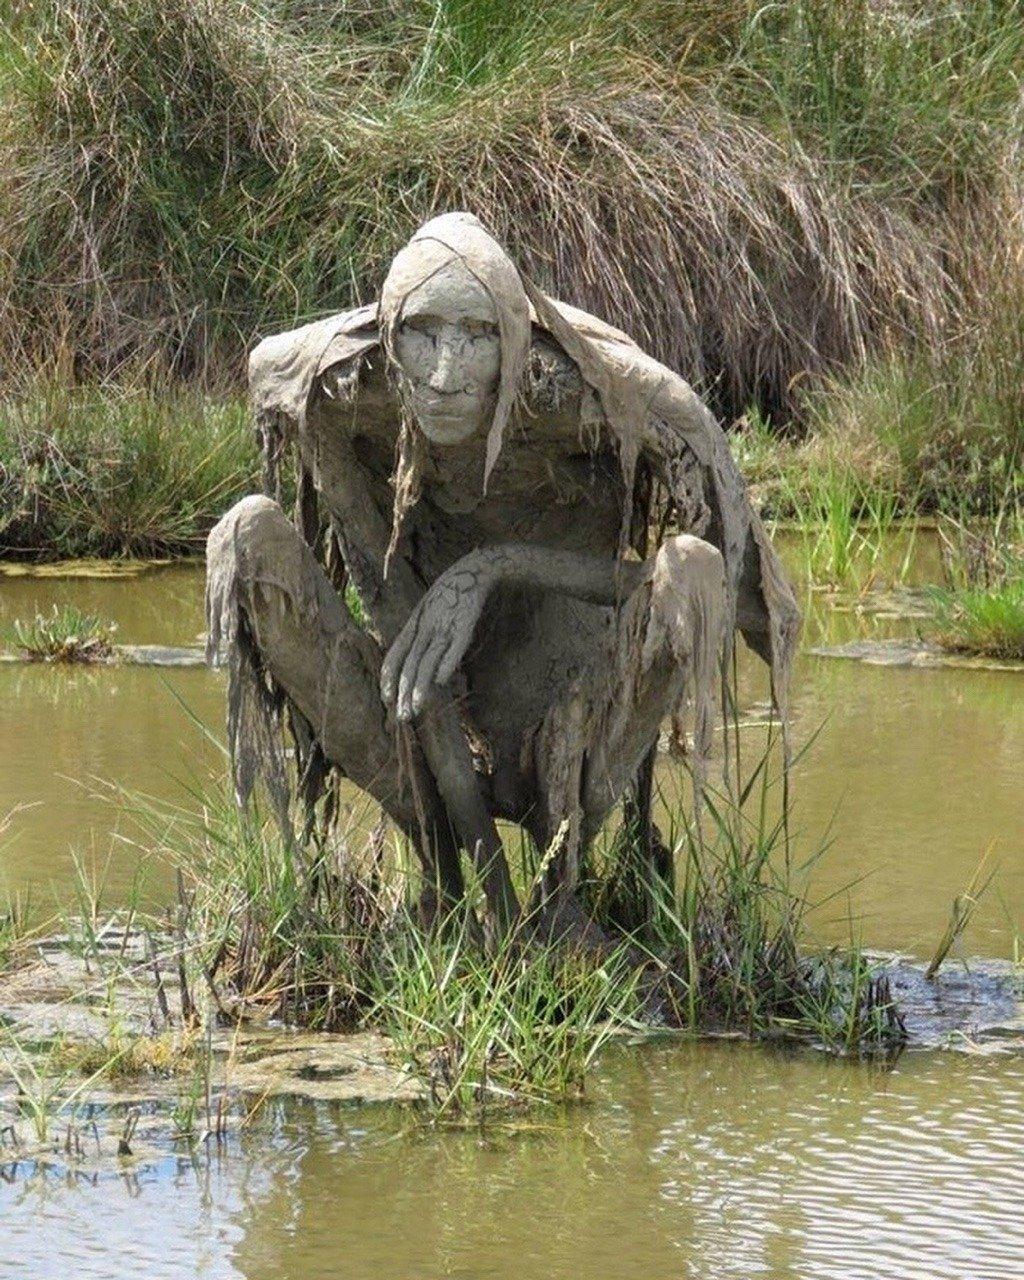 这是雕塑家Sophie Prestigiacomo在法国自然保护区里设置的沼泽生物雕